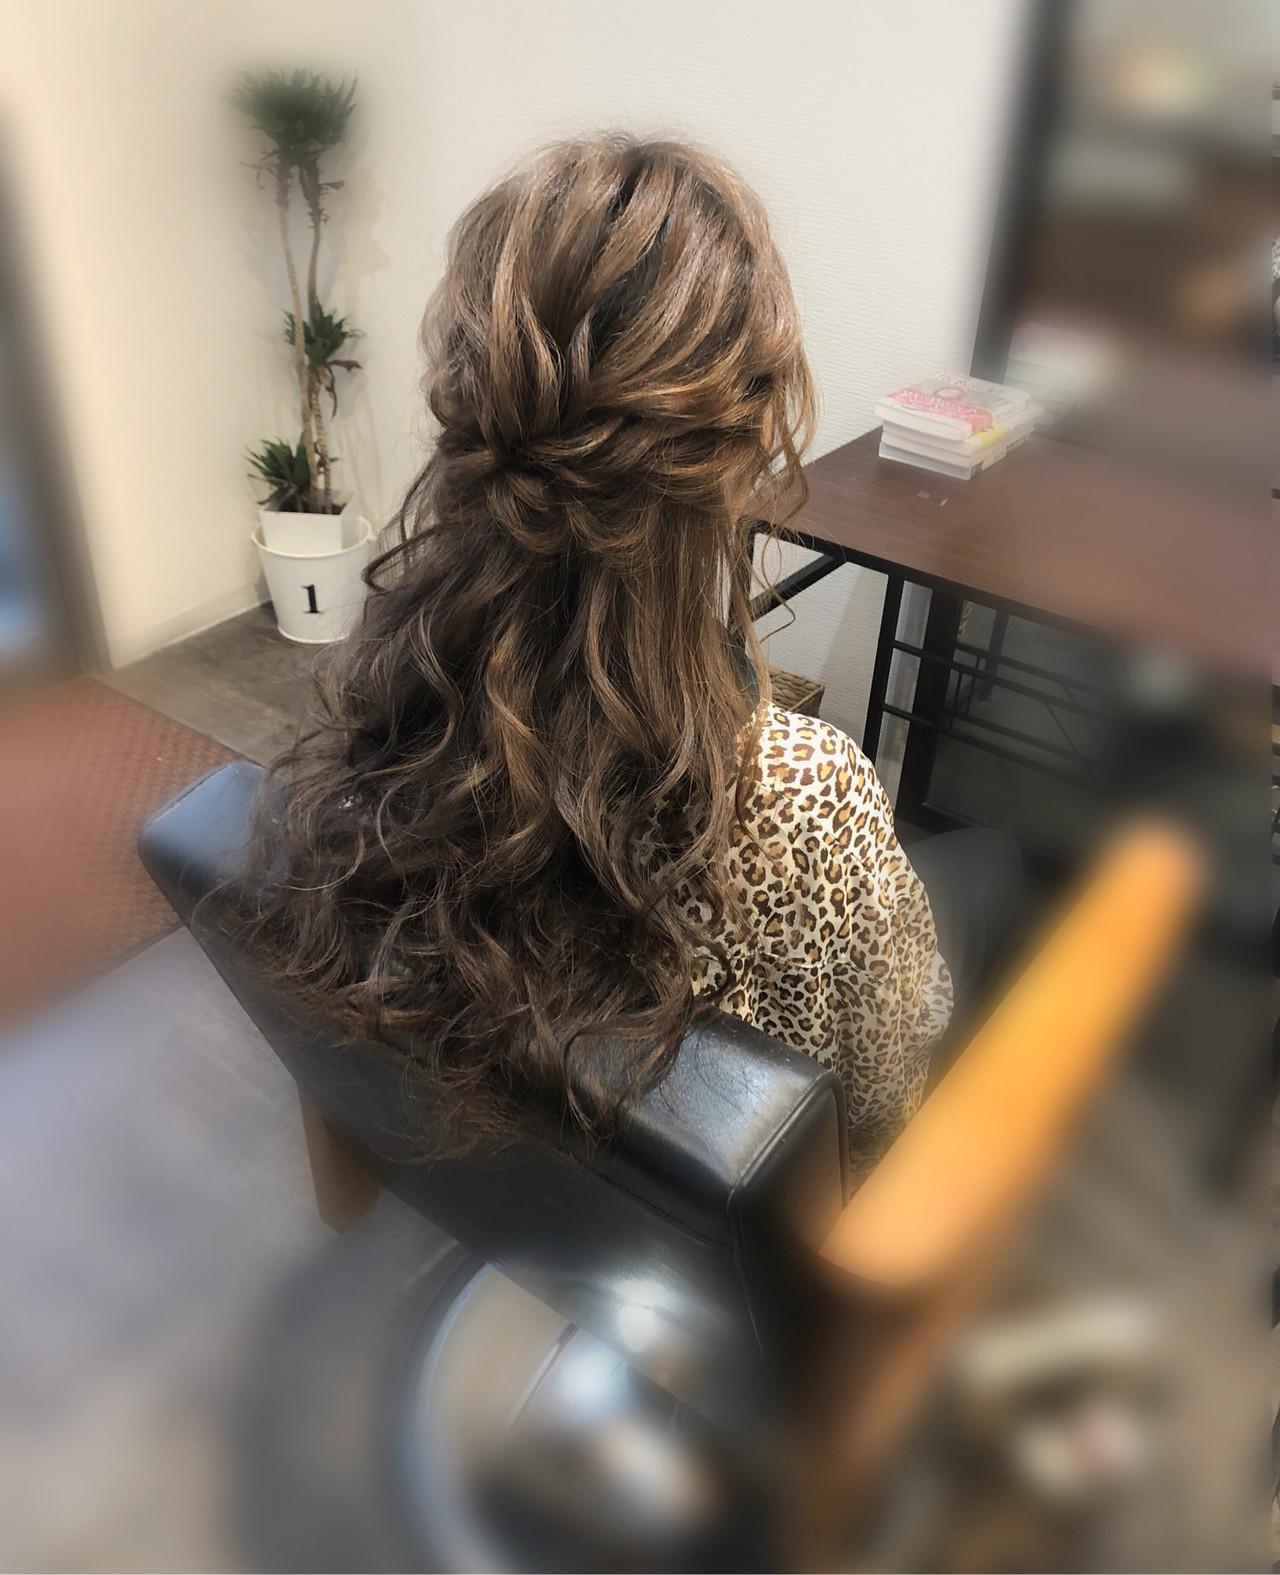 ハーフアップ ヘアセット ヘアアレンジ ロング ヘアスタイルや髪型の写真・画像